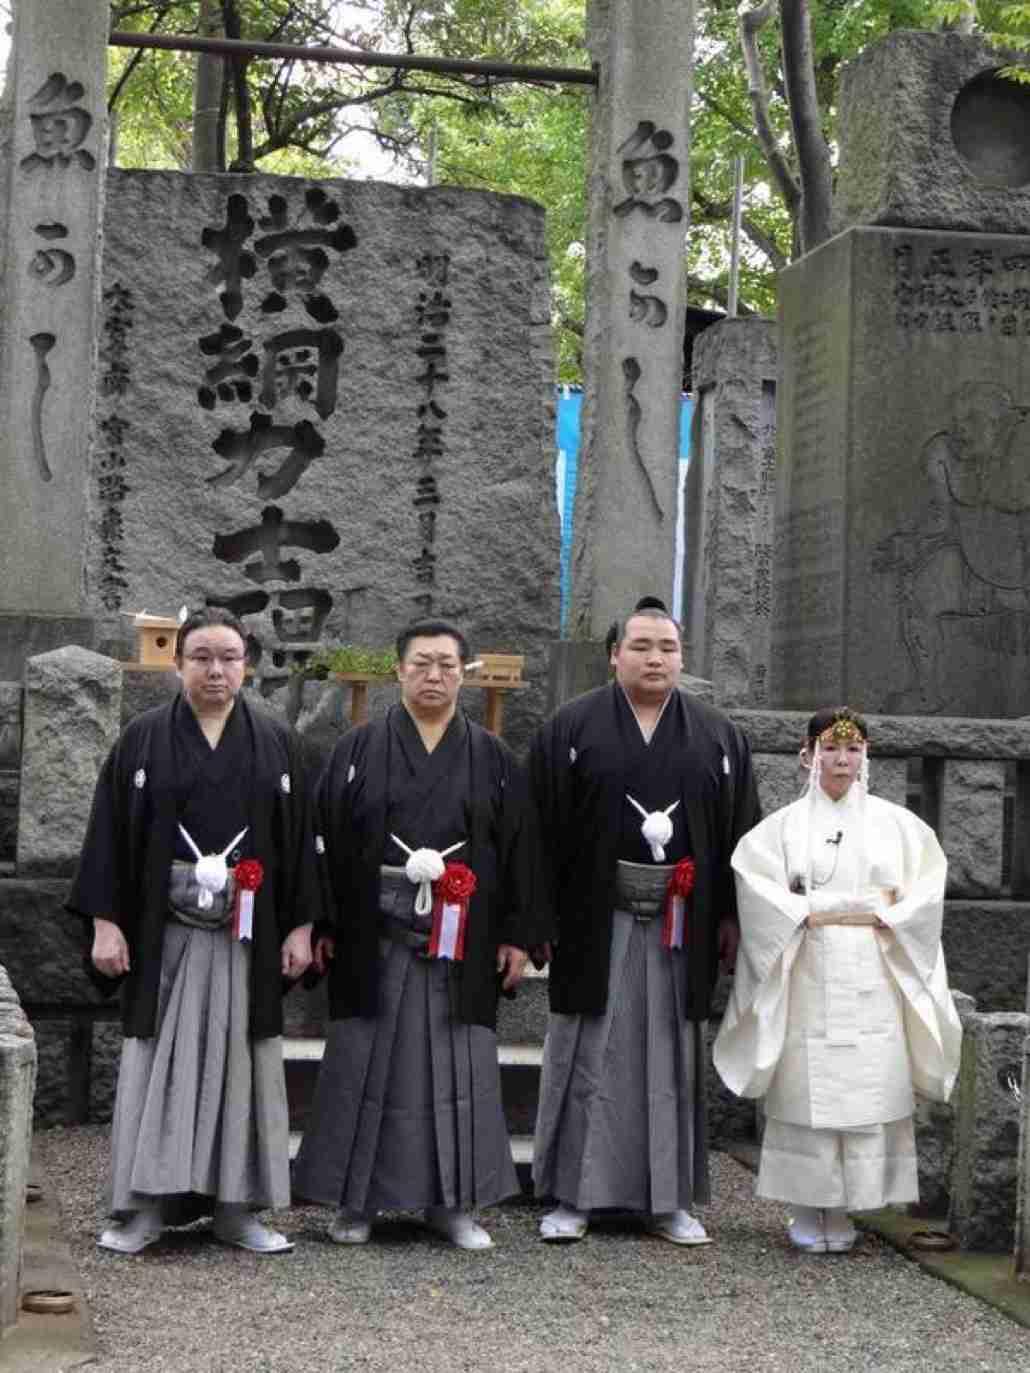 富岡八幡宮で切られ3人重傷か…不審男女逃走?